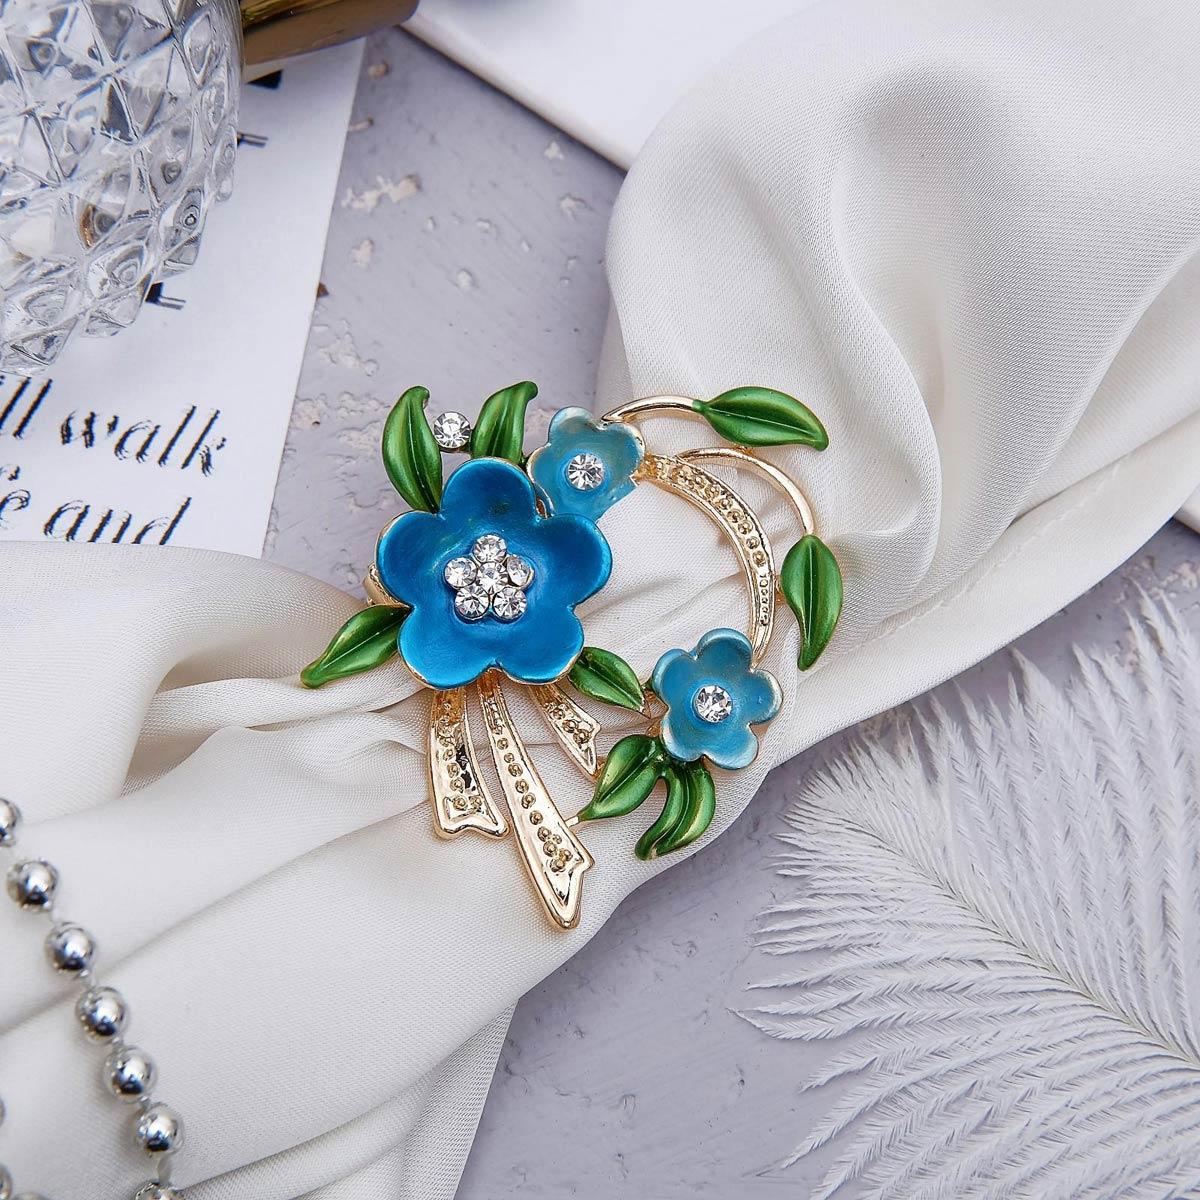 1353806 Зажим для платка 'Цветы' трио, цвет зелёно-голубой в золоте